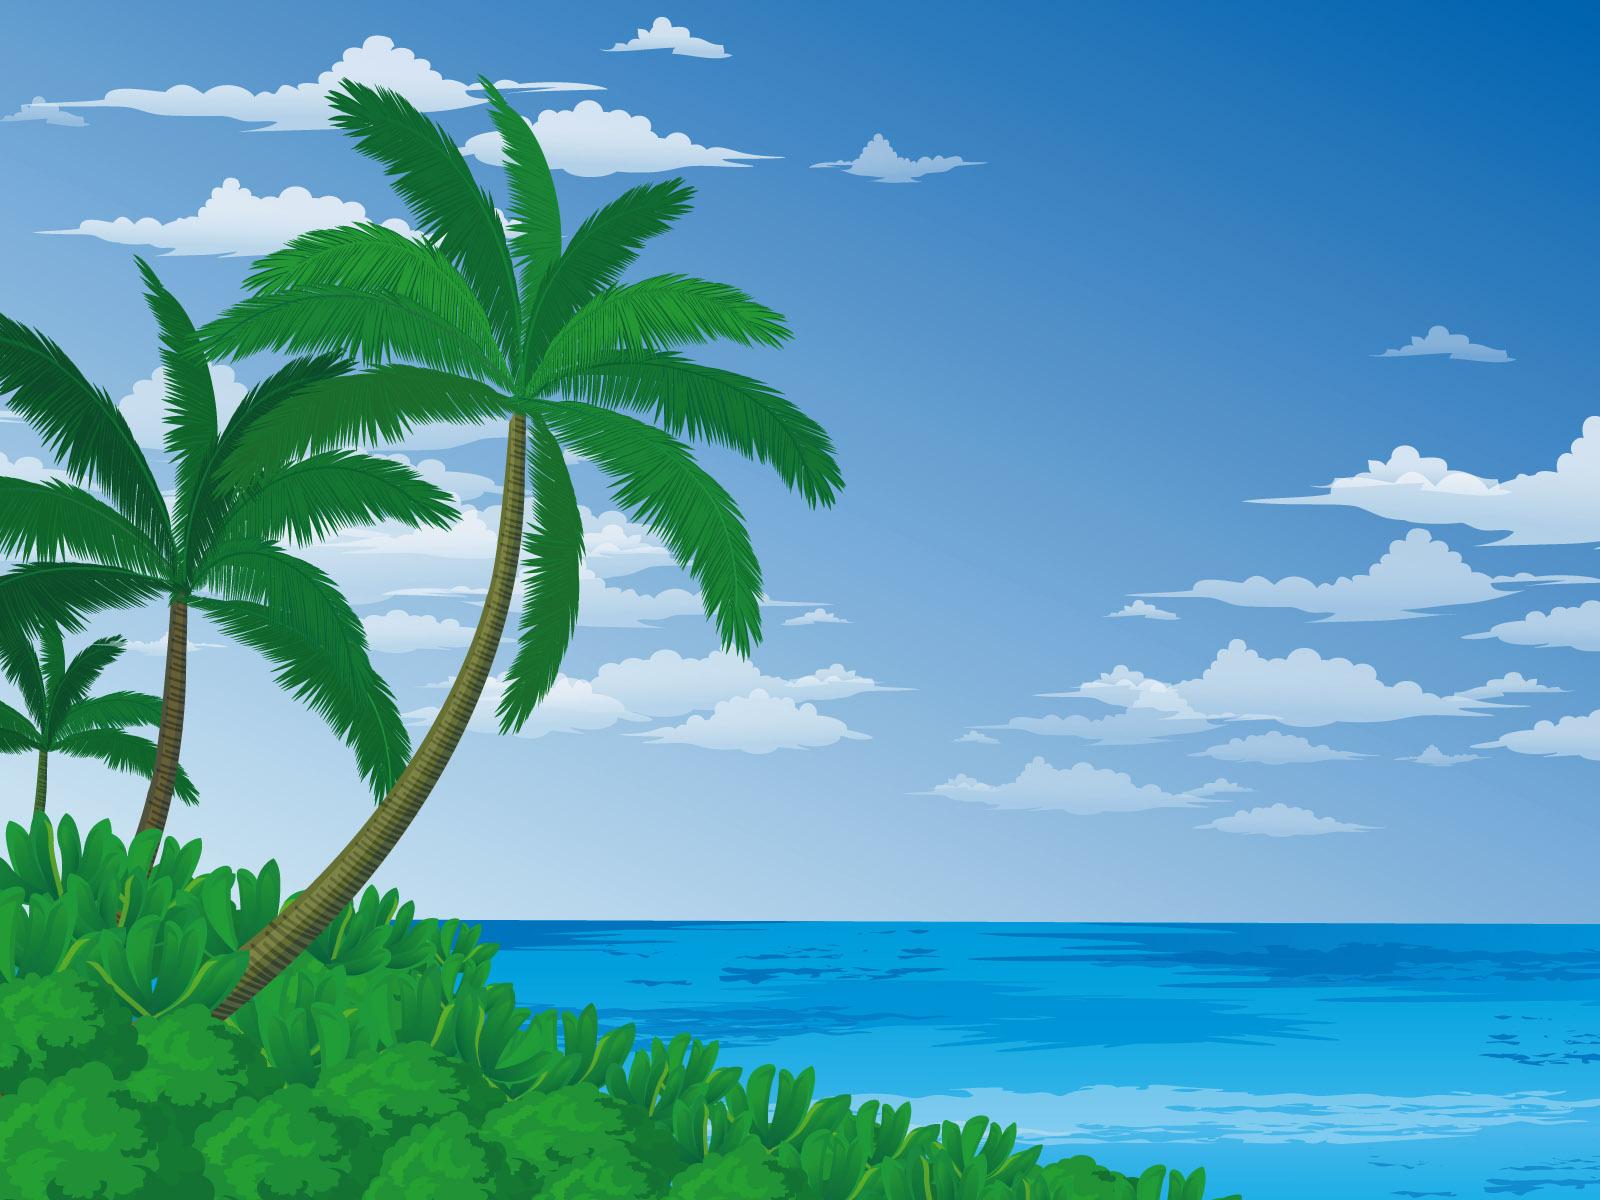 壁纸1600×1200矢量夏日海滩 1 8壁纸 矢量风光 矢量夏日海滩 第一辑壁纸图片矢量壁纸矢量图片素材桌面壁纸